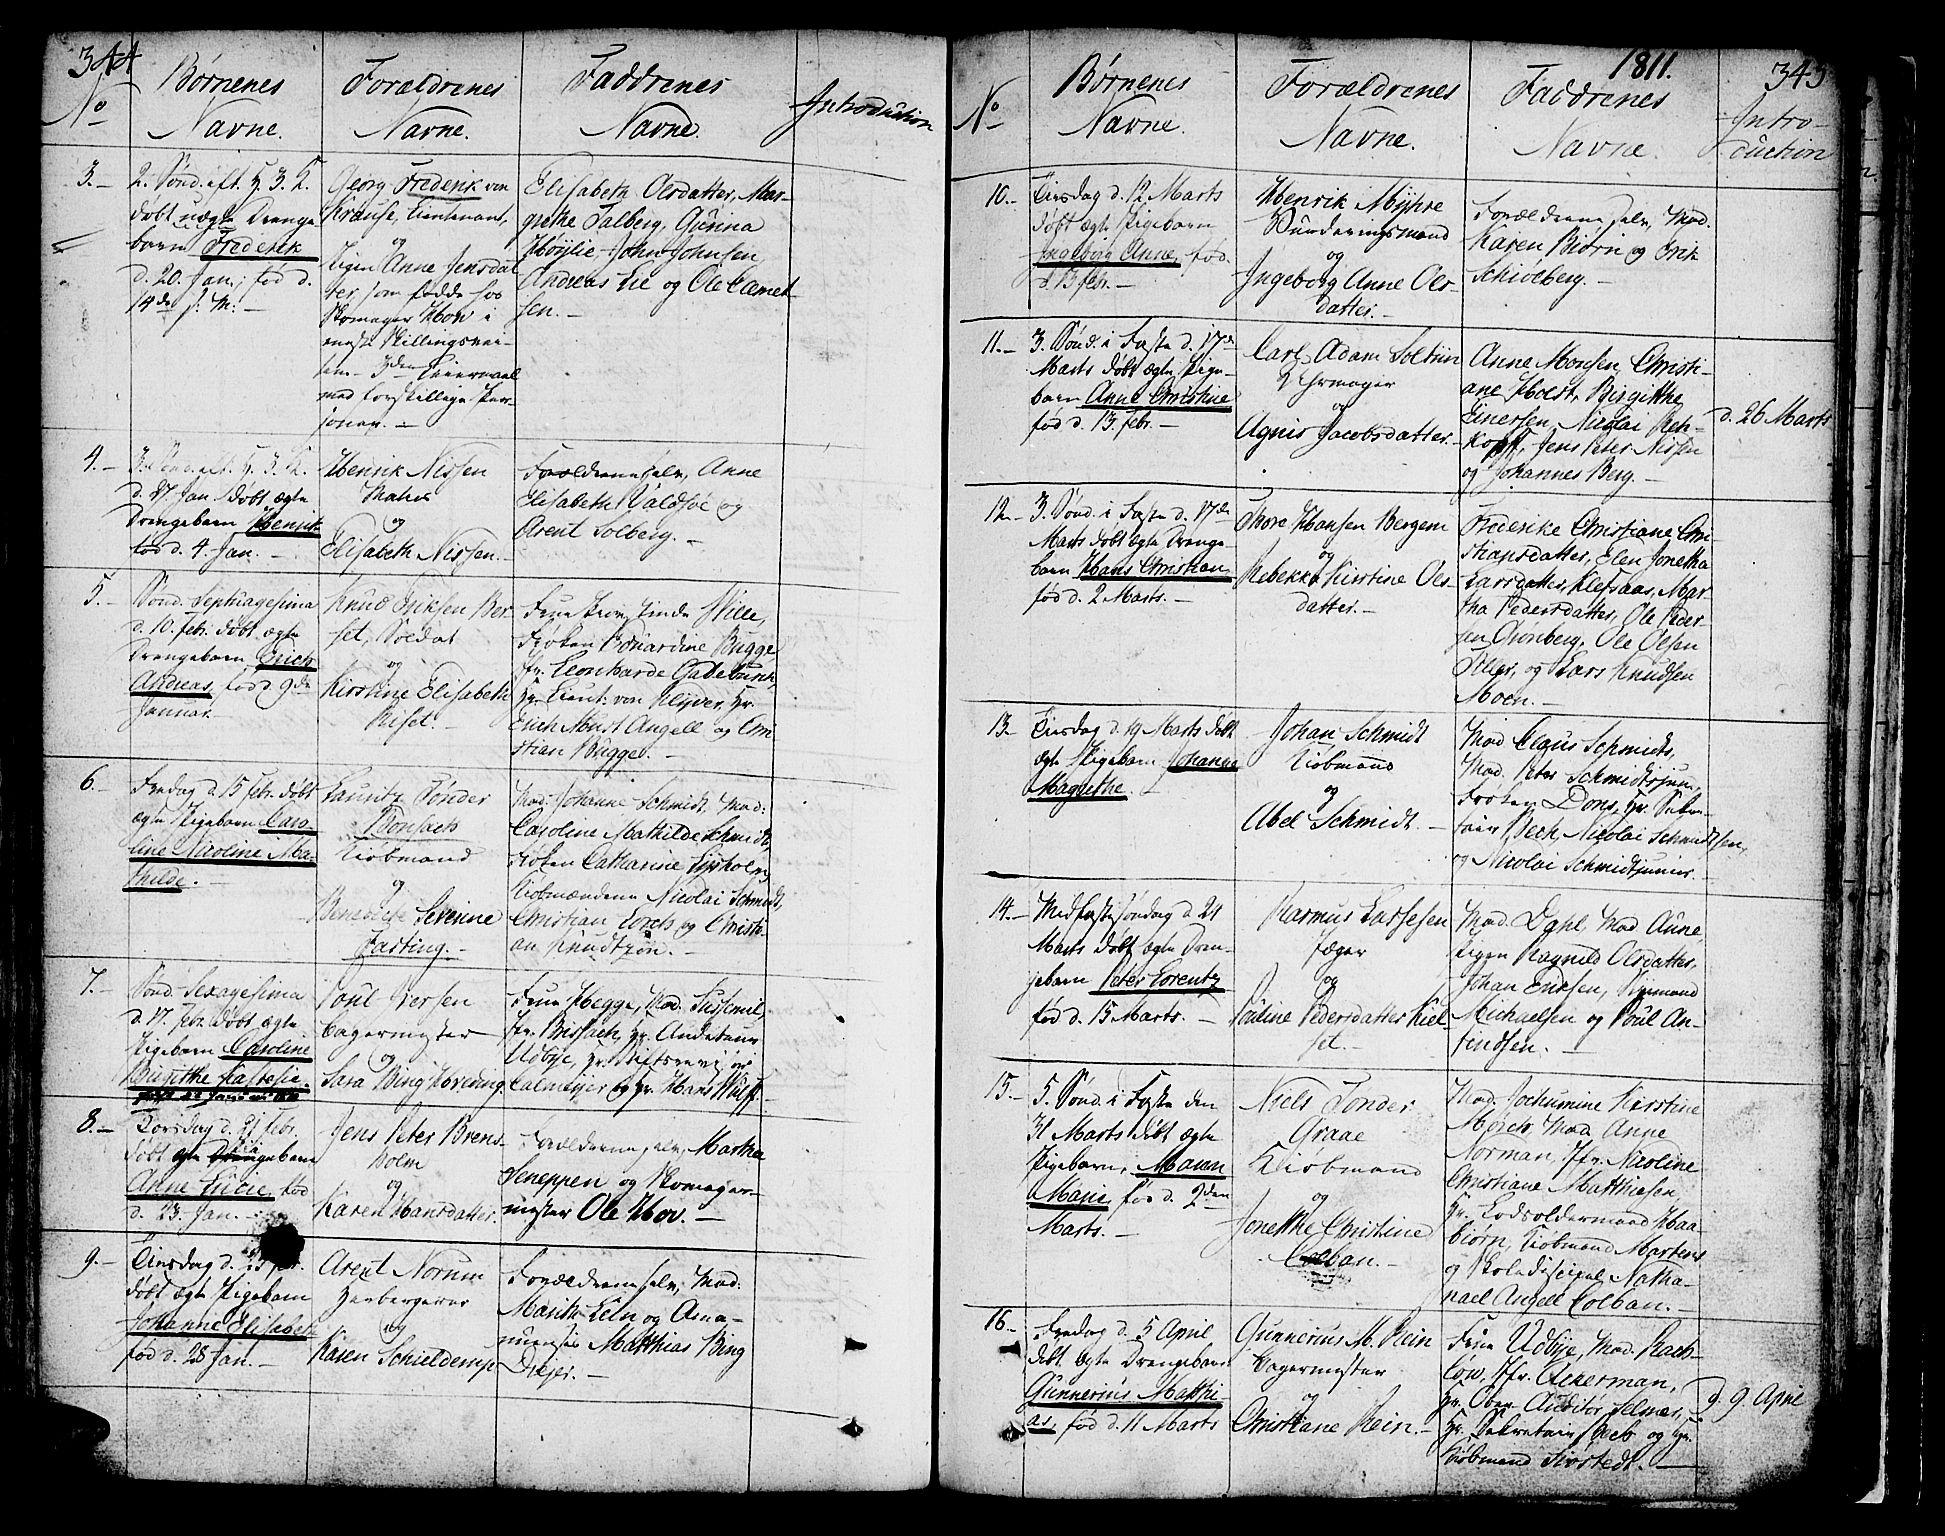 SAT, Ministerialprotokoller, klokkerbøker og fødselsregistre - Sør-Trøndelag, 602/L0104: Ministerialbok nr. 602A02, 1774-1814, s. 344-345